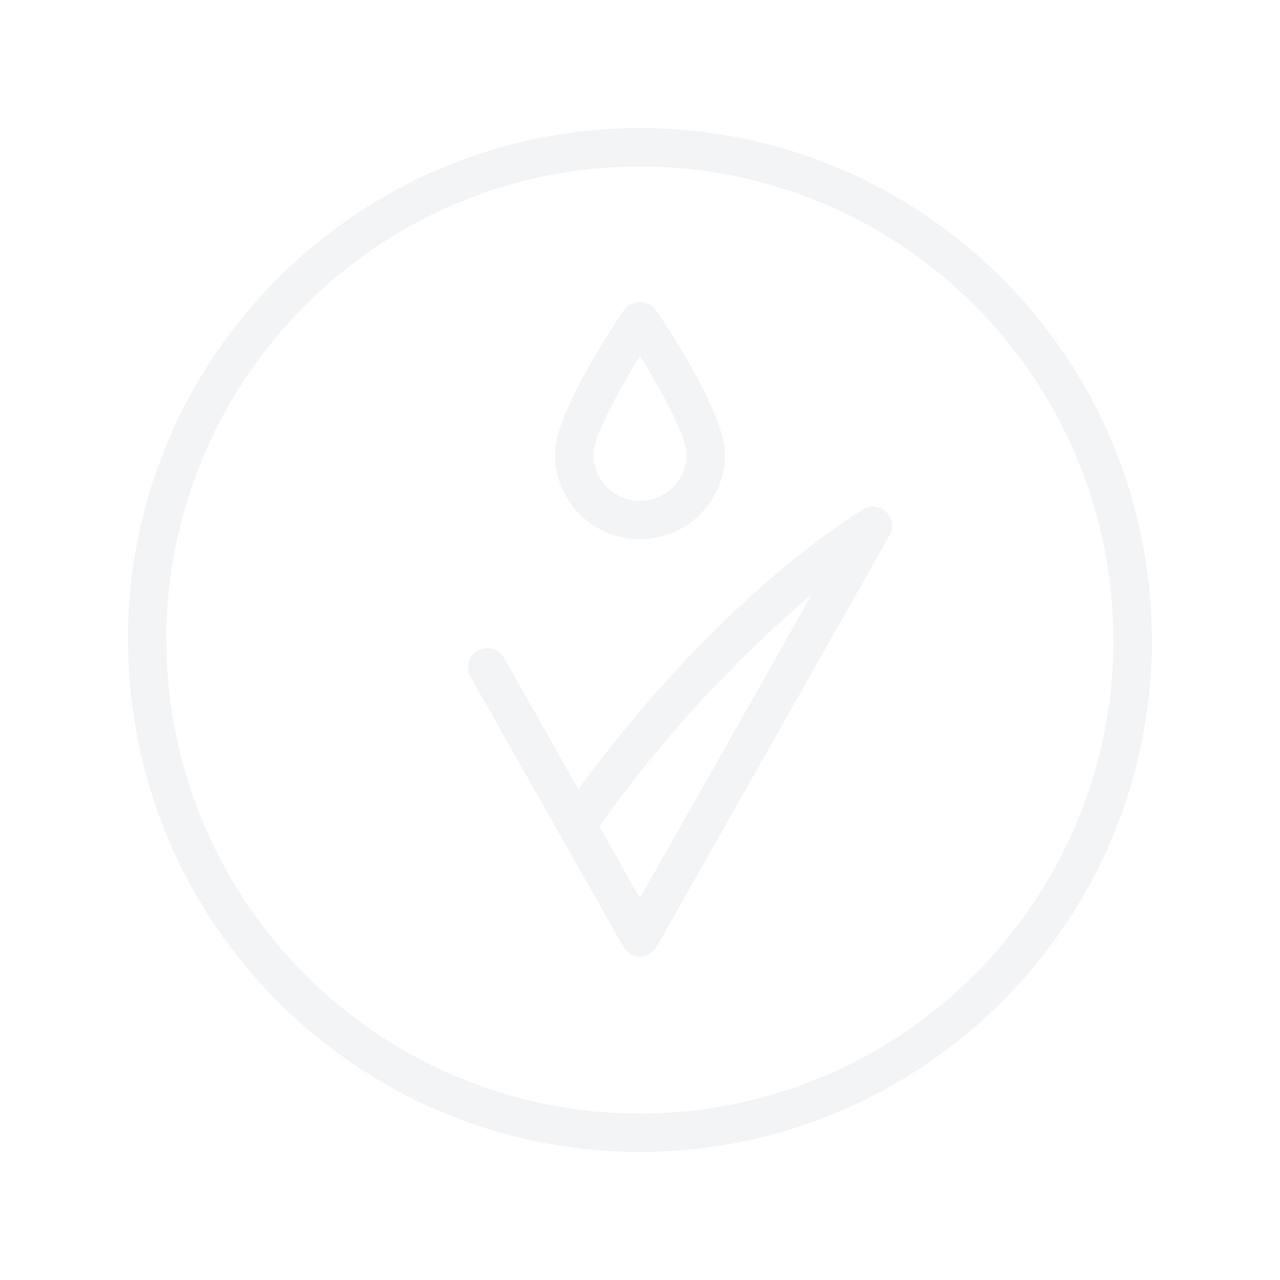 E.L.F. Little Brow Book Gift Set